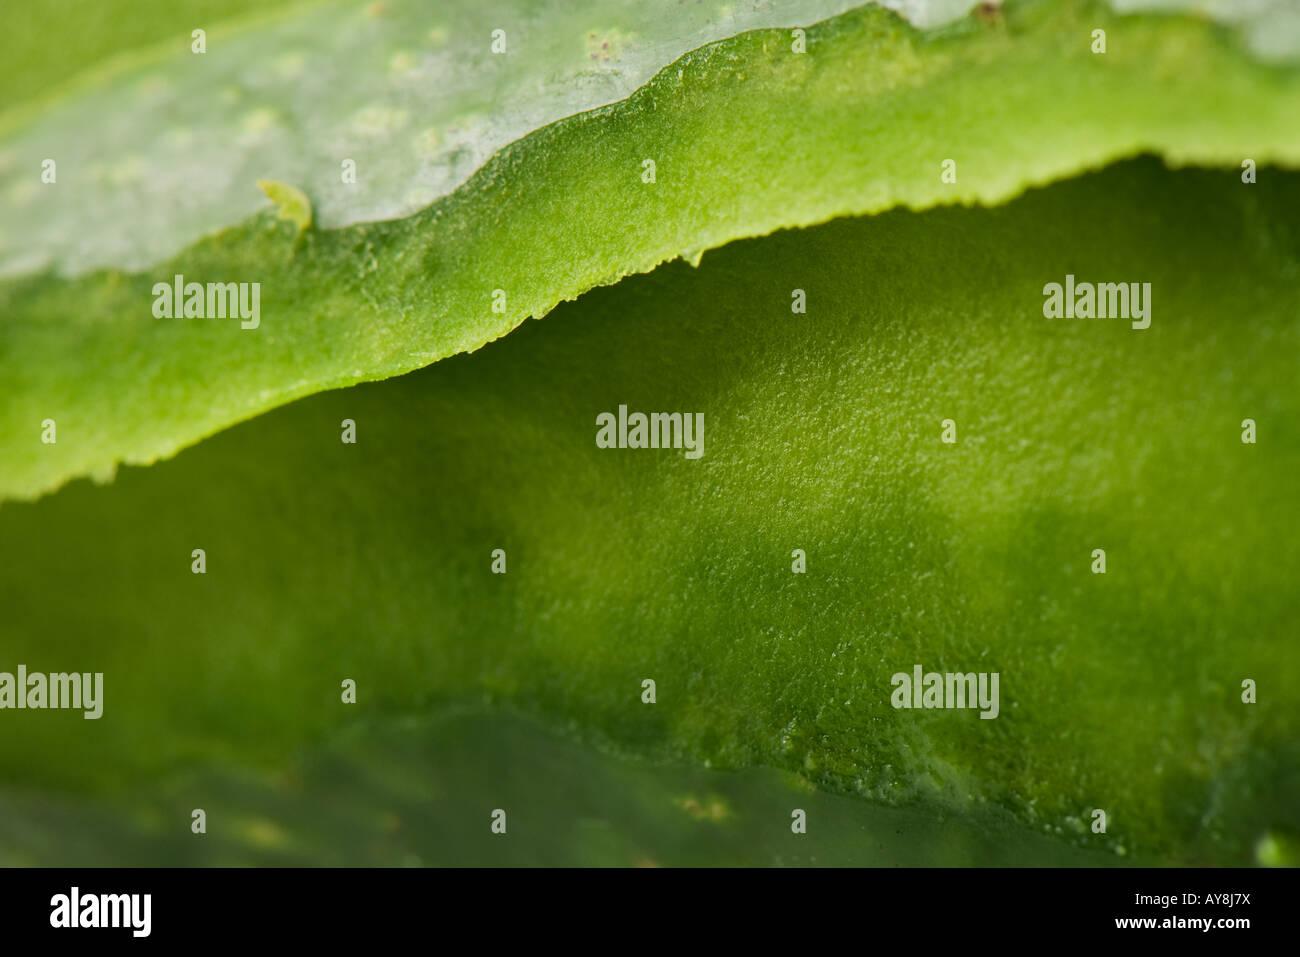 Aloe vera, extreme close-up, full frame - Stock Image